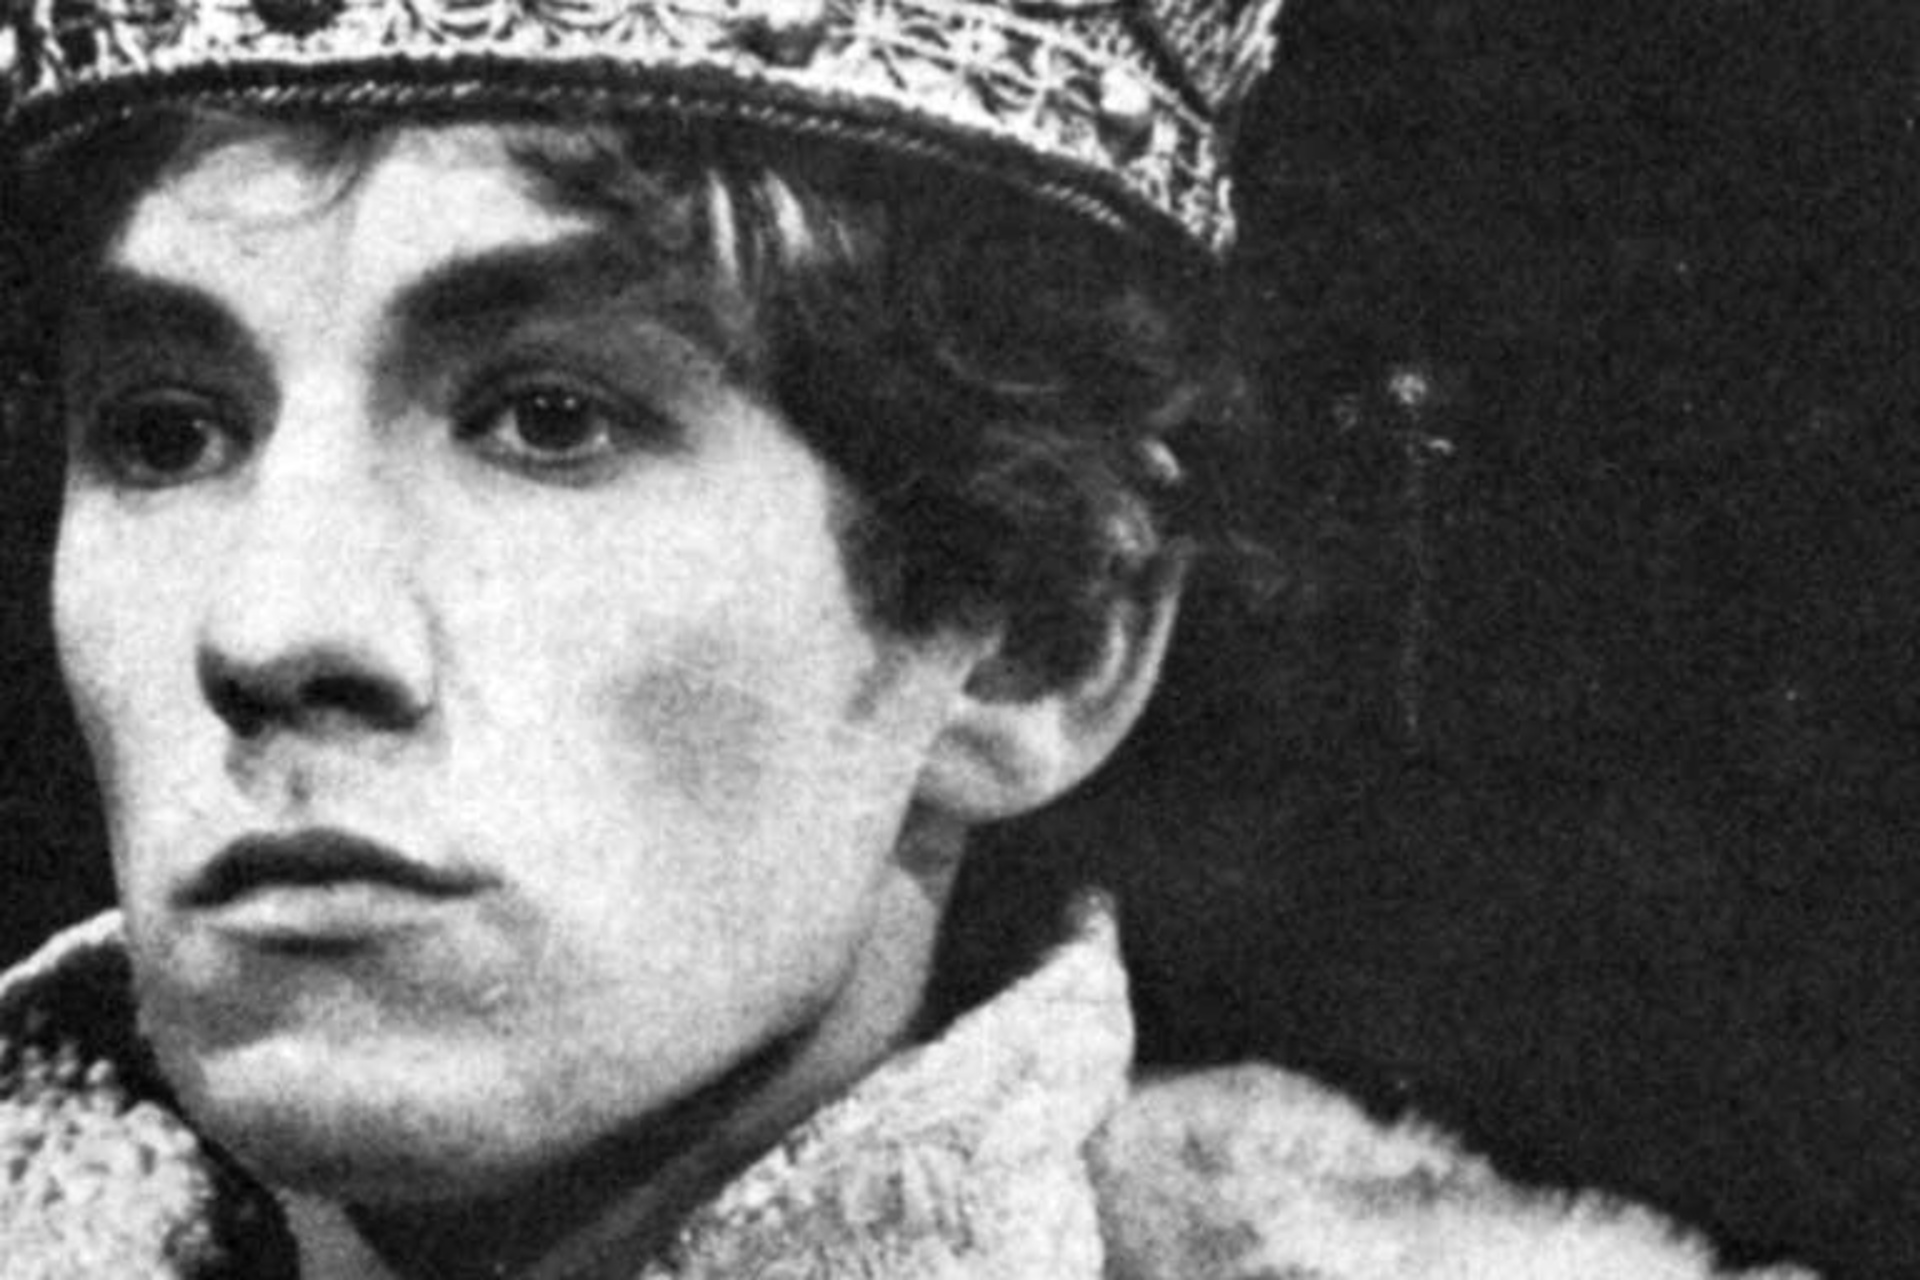 Ian McKellen als Richard II in 1968, mckellen.com